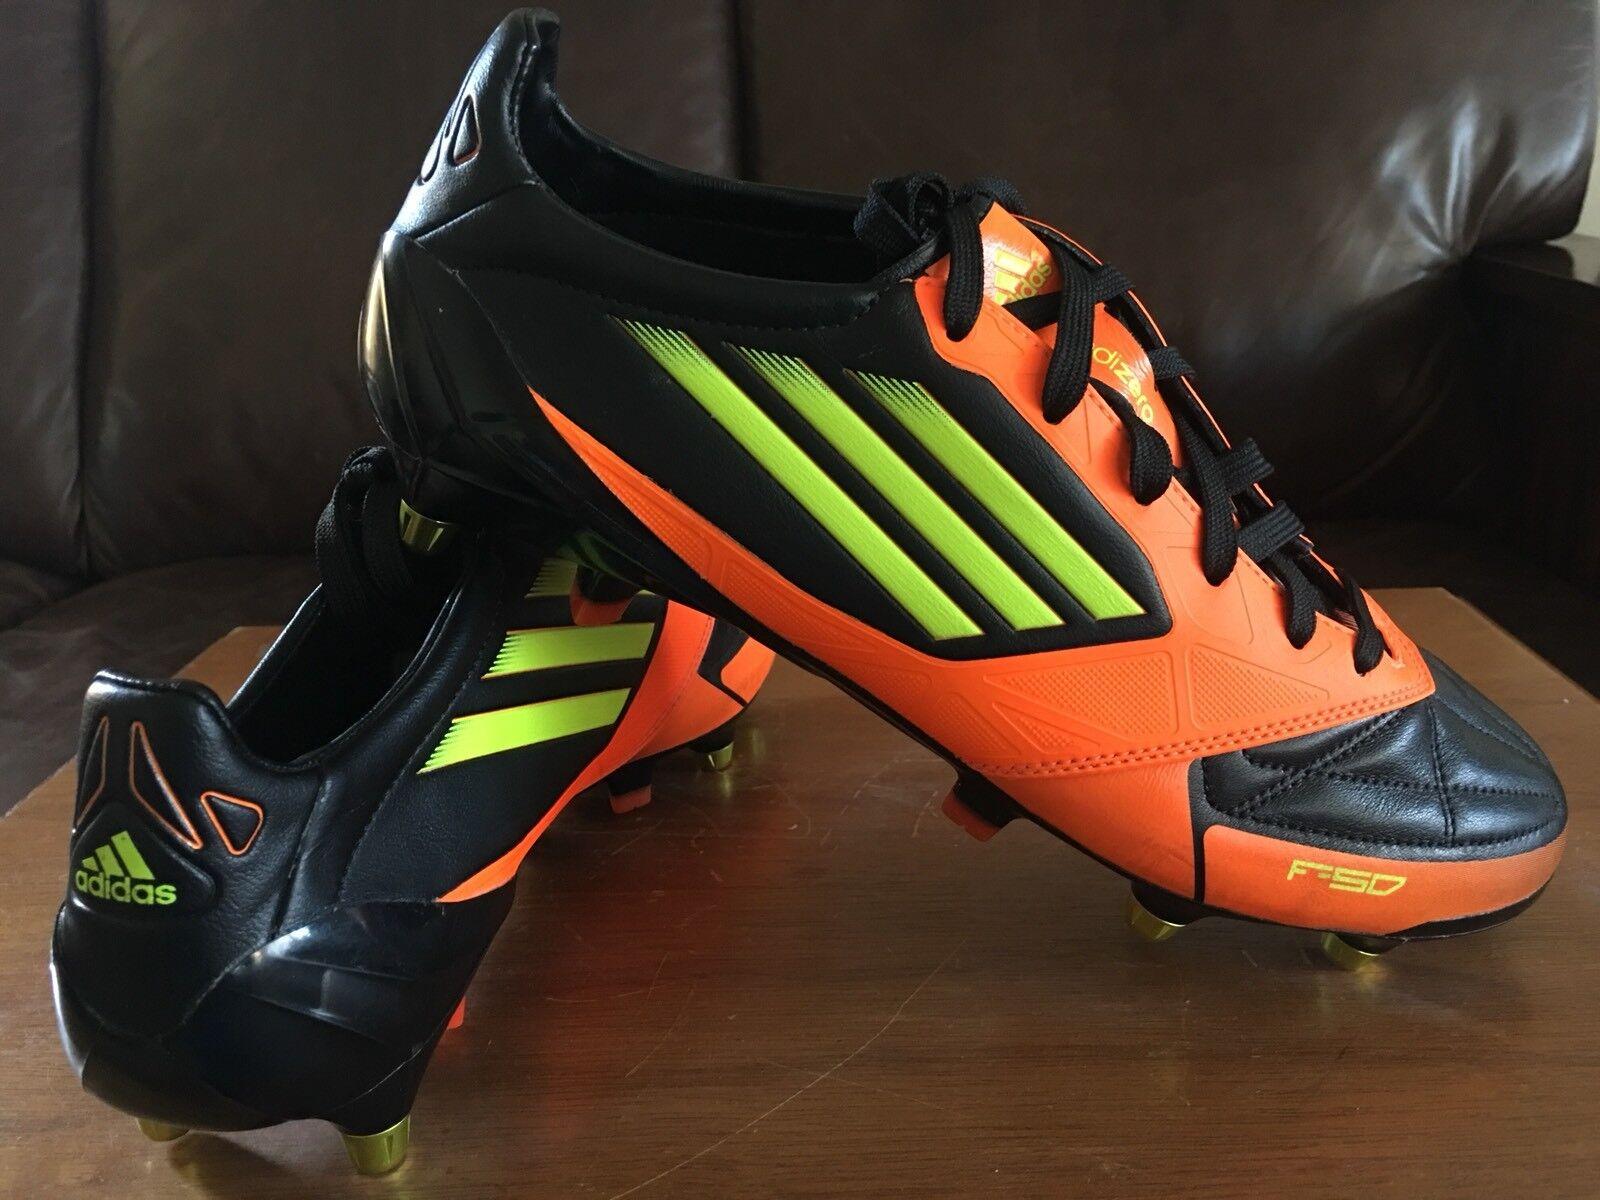 Adidas Adizero F50 Cuero Sg Fútbol Zapatos